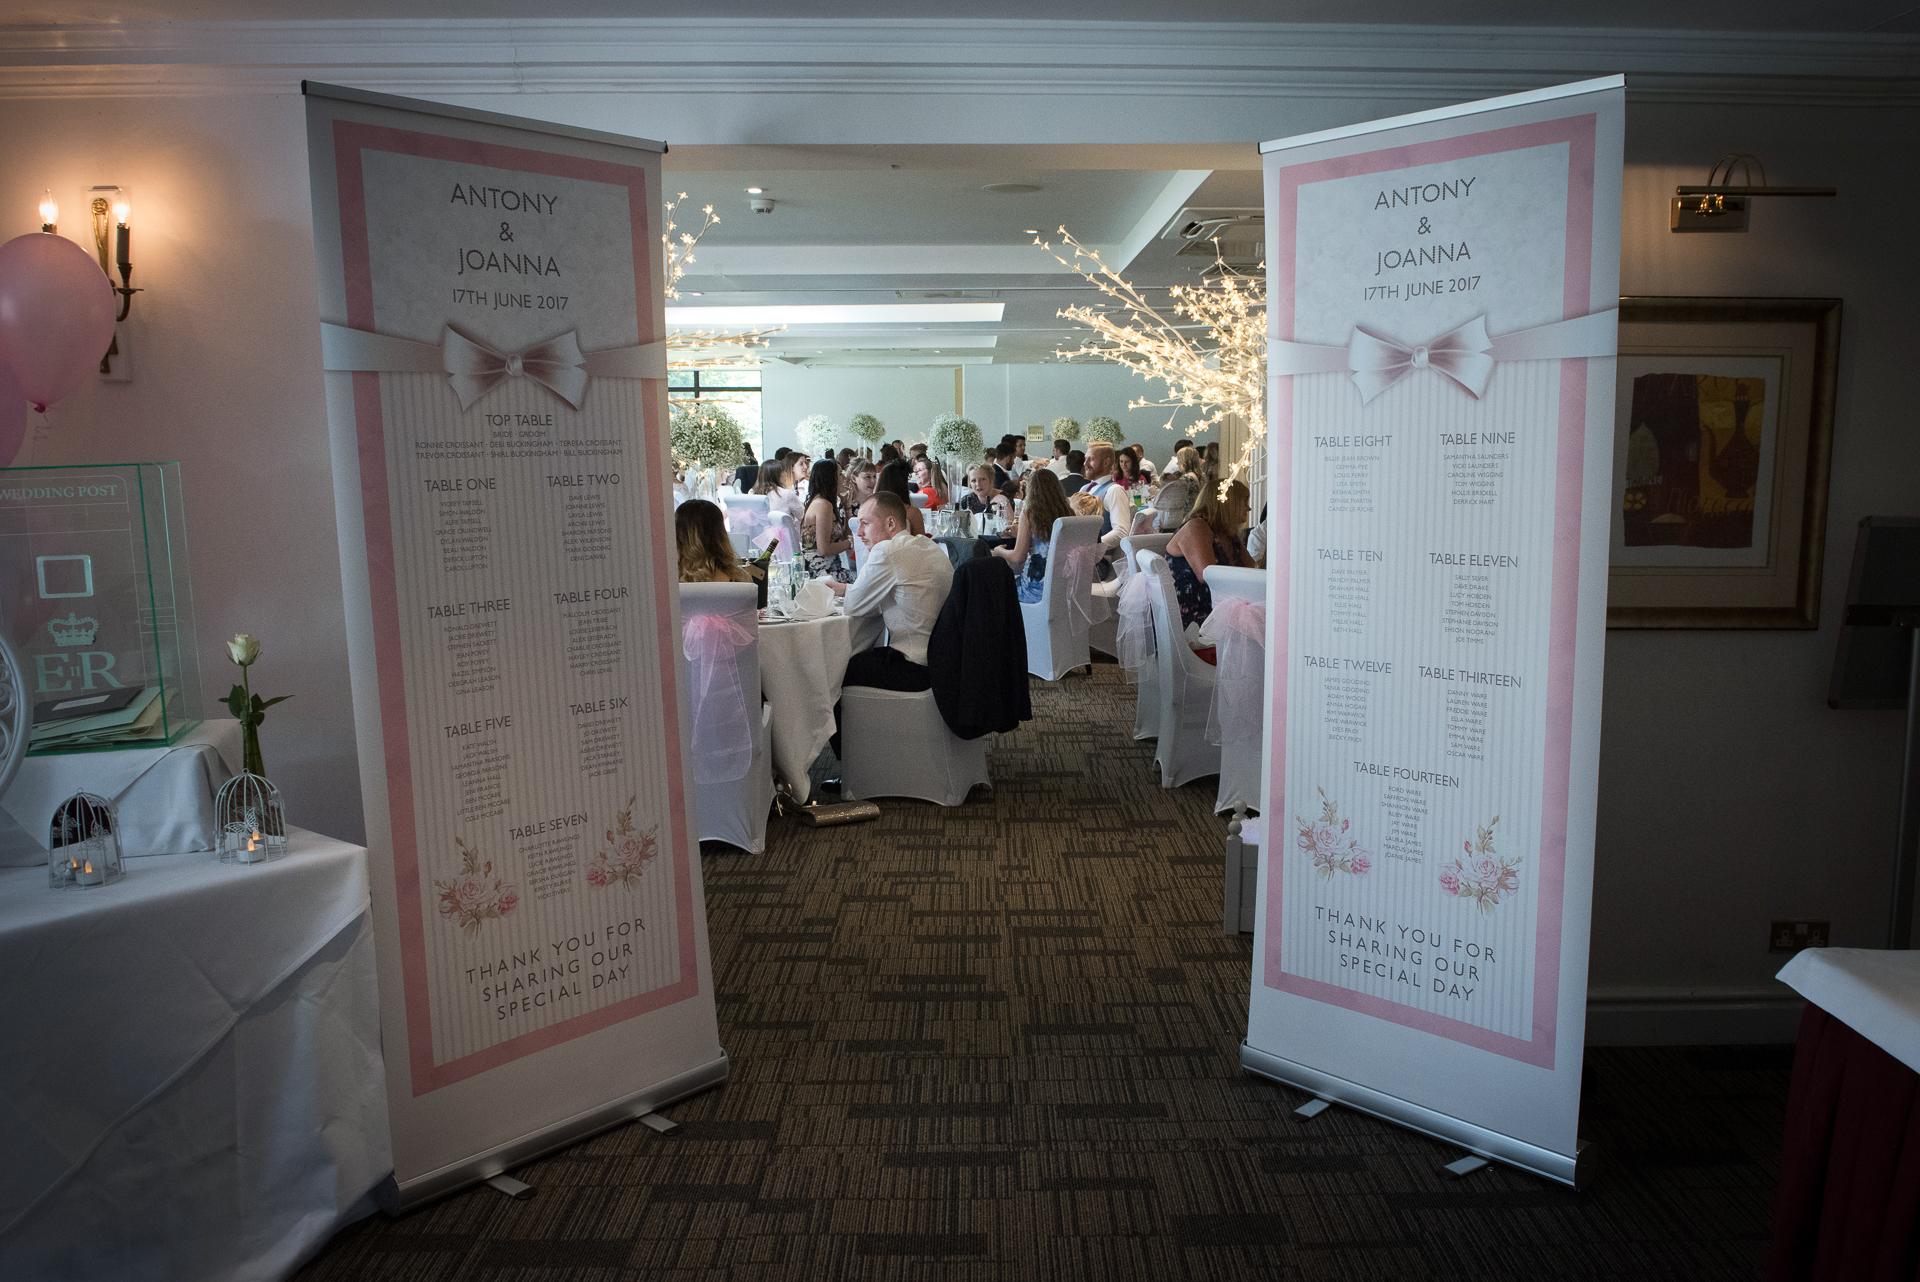 Frensham-Pond-Hotel-wedding_51.JPG